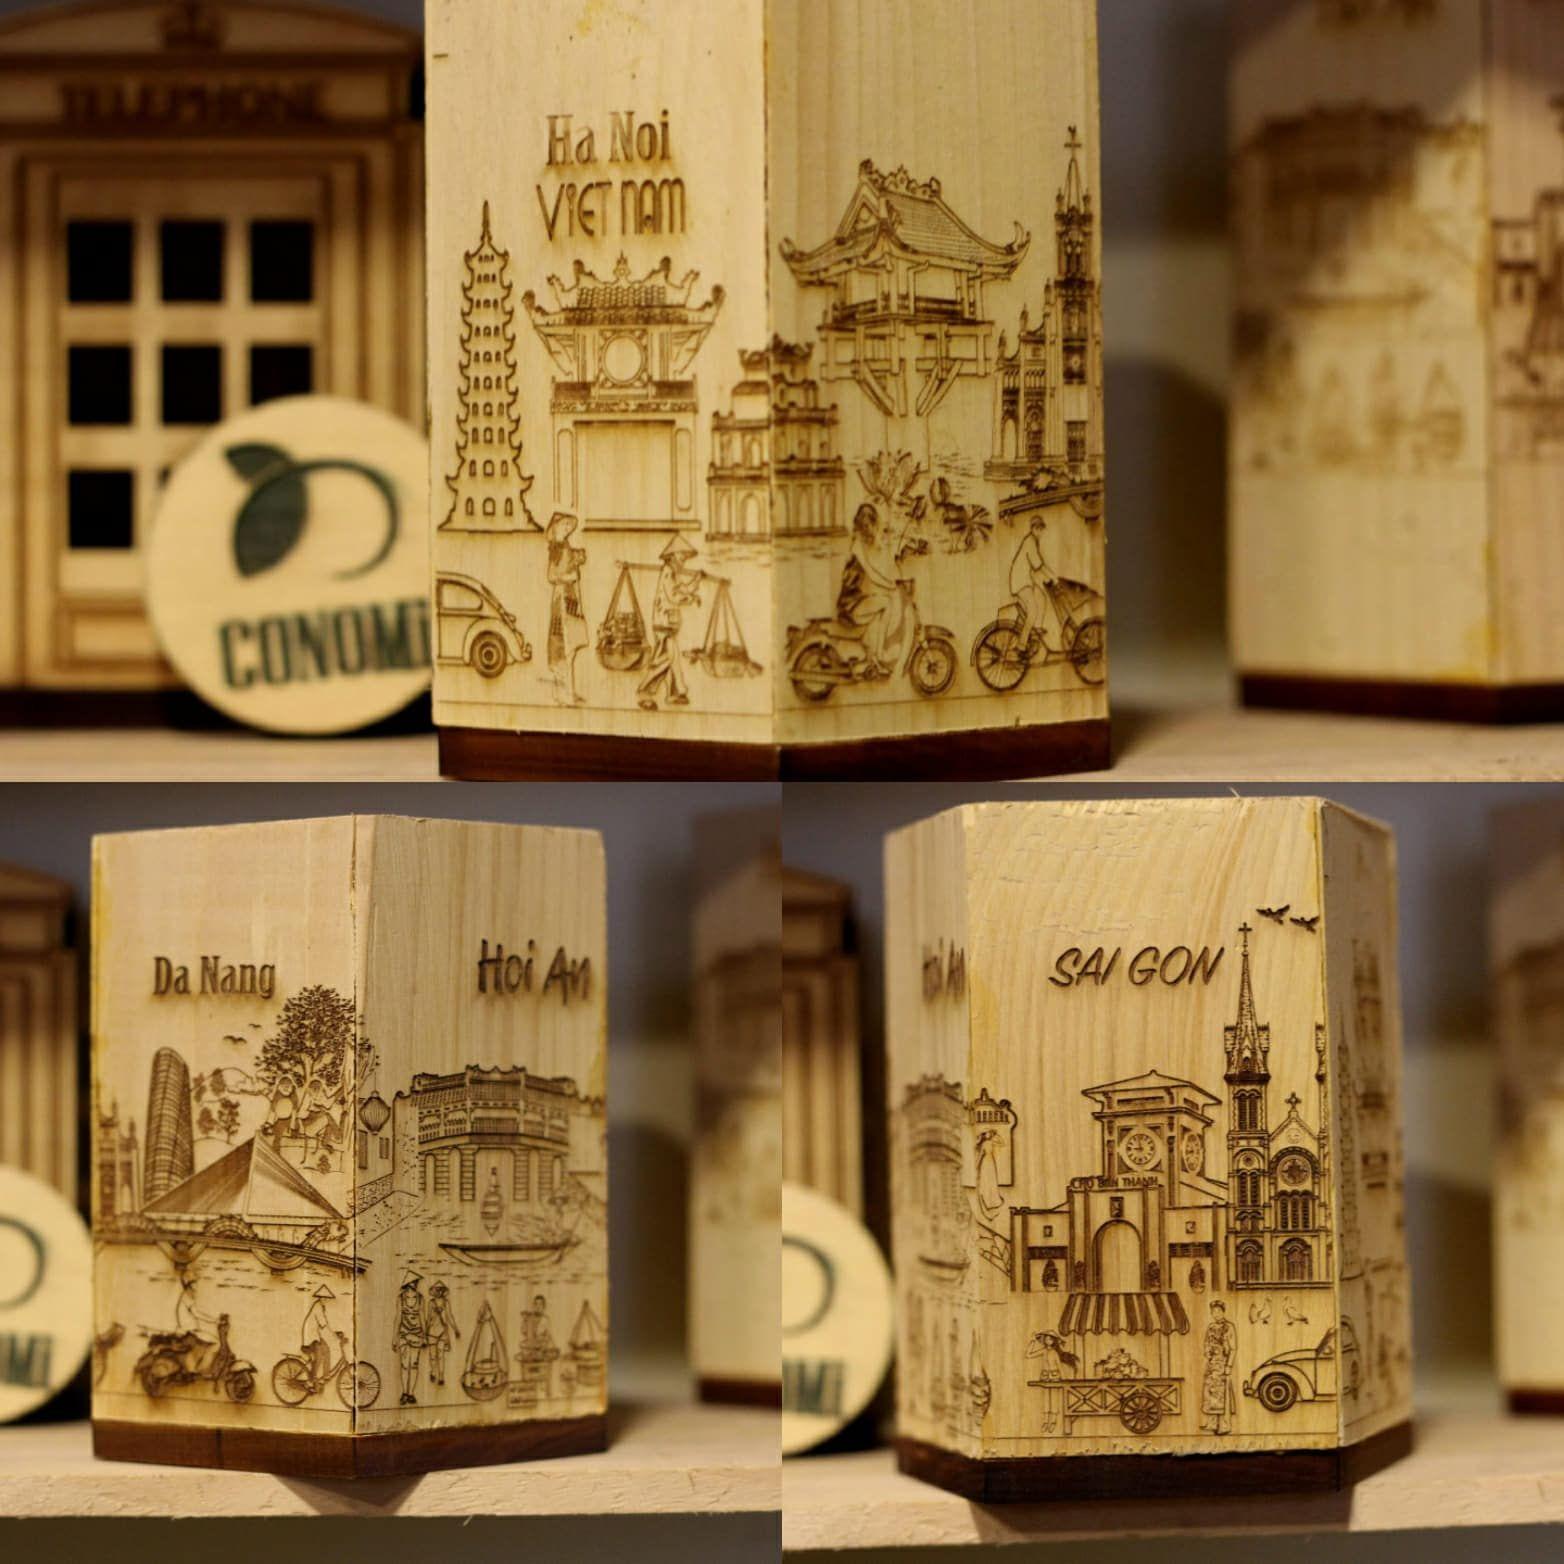 Hộp bút lưu niệm các thành phố Vietnam. Chất liệu gỗ tự nhiên. CONOMi - Bán sỉ đồ lưu niệm các danh thắng Vietnam / 0916645007 | Souvenirs, Gỗ